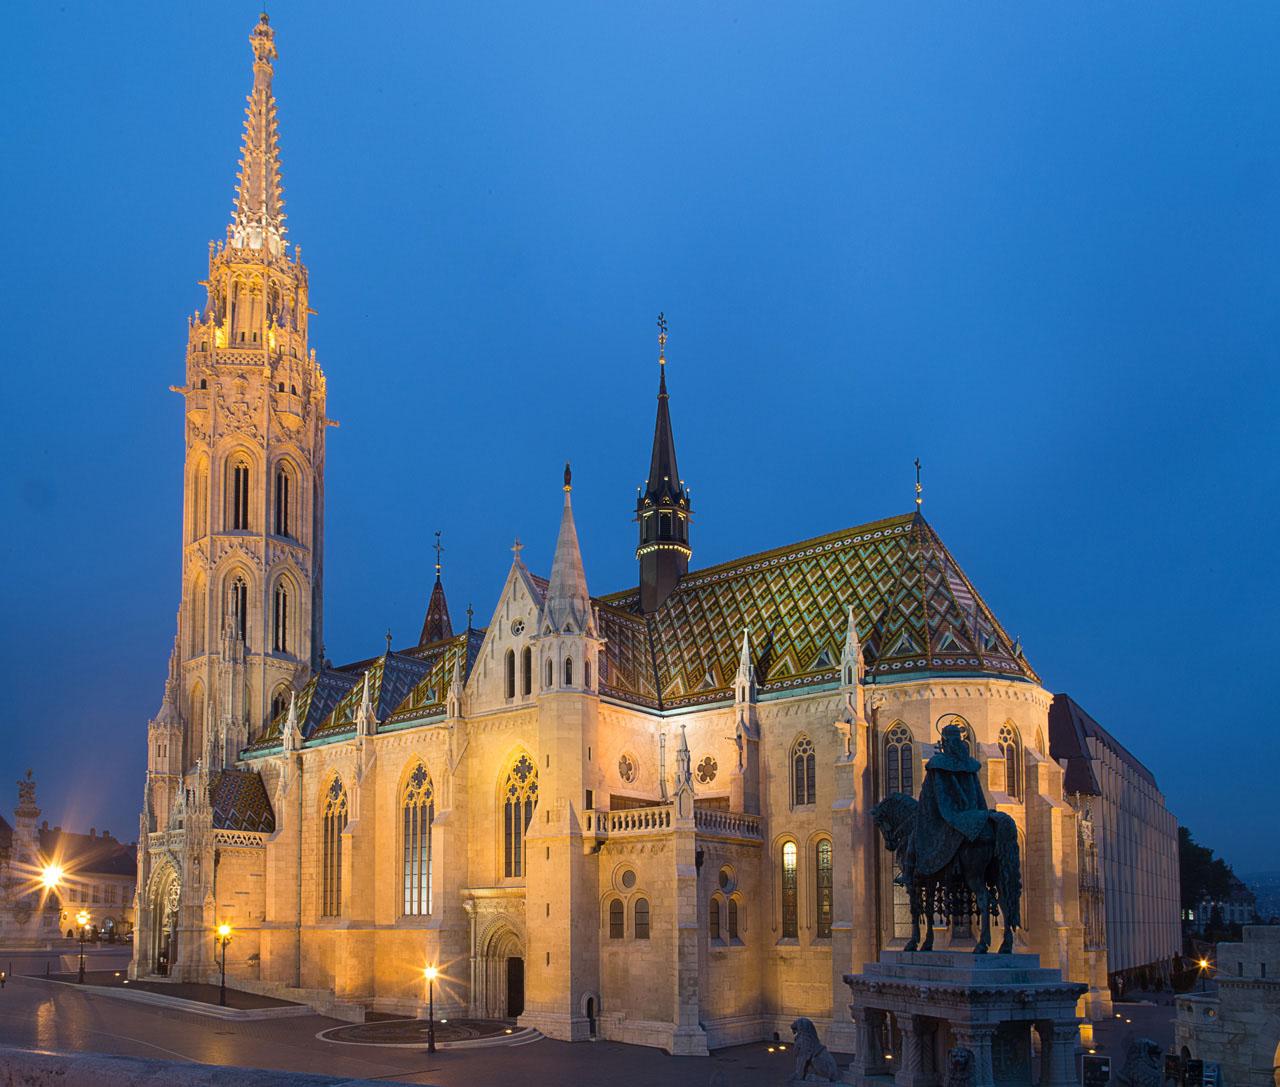 Die Matthiaskirche ist die bekannteste Kirche Budapests